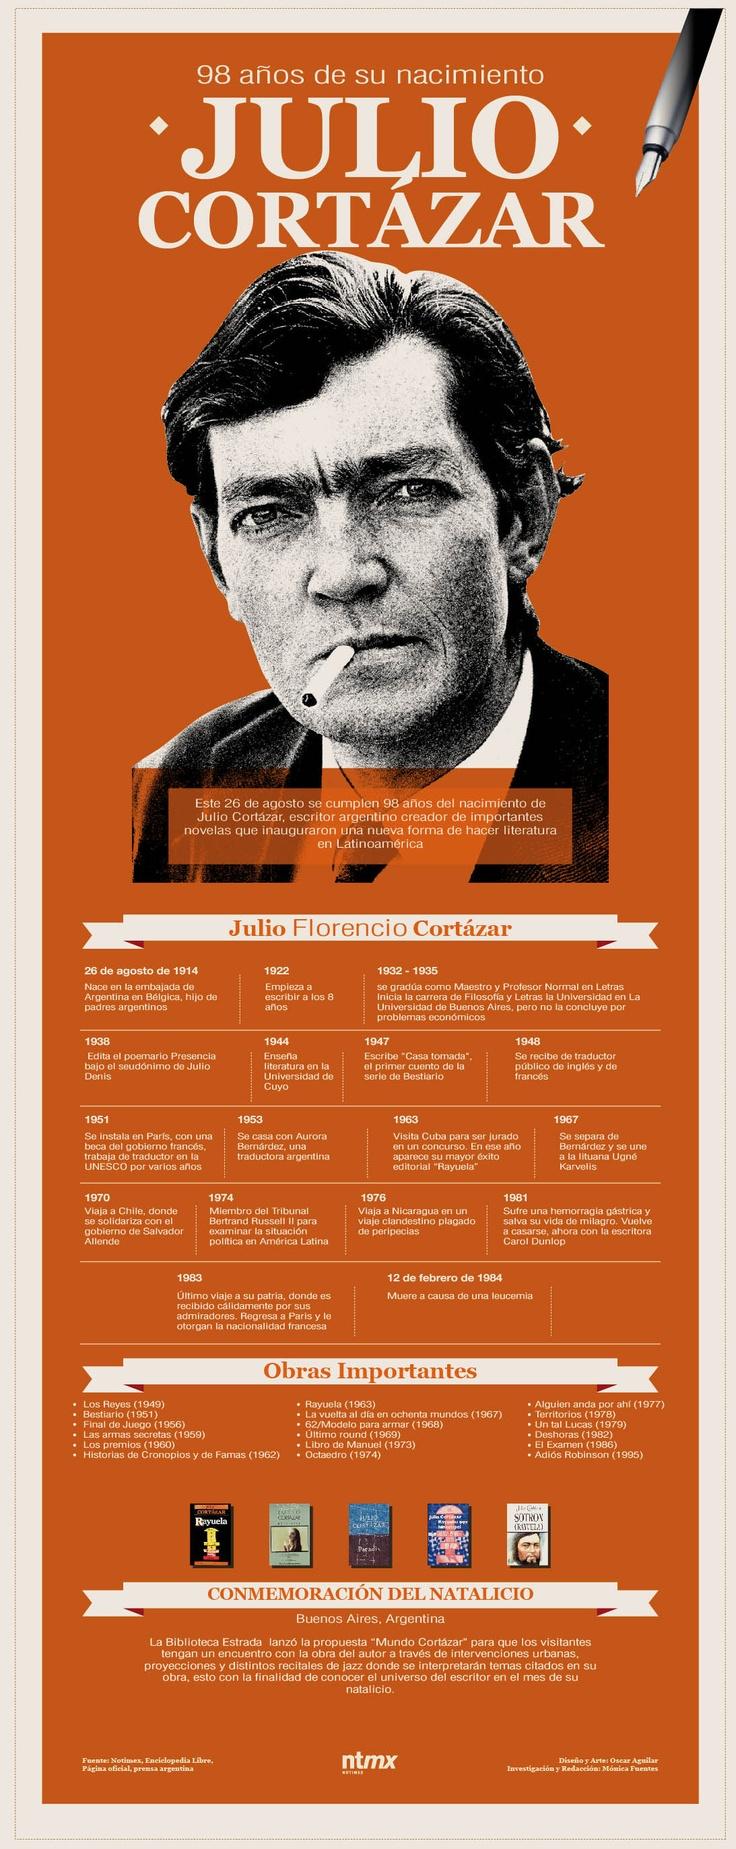 Julio Cortázar nació en Bruselas el 26 de Agosto de 1914, de padres argentinos. Llegó a la Argentina a los 4 años. Paso la infancia en Bánfield, se graduó como maestro de escuela e inició estudios en la Universidad de Buenos Aires, los que debió abandonar por razones económicas. Enseño en la Universidad de Cuyo y renunció a su cargo por desavenencias con el peronismo. En 1951 se marchó a Francia trabajando como traductor independiente de la Unesco, en París.